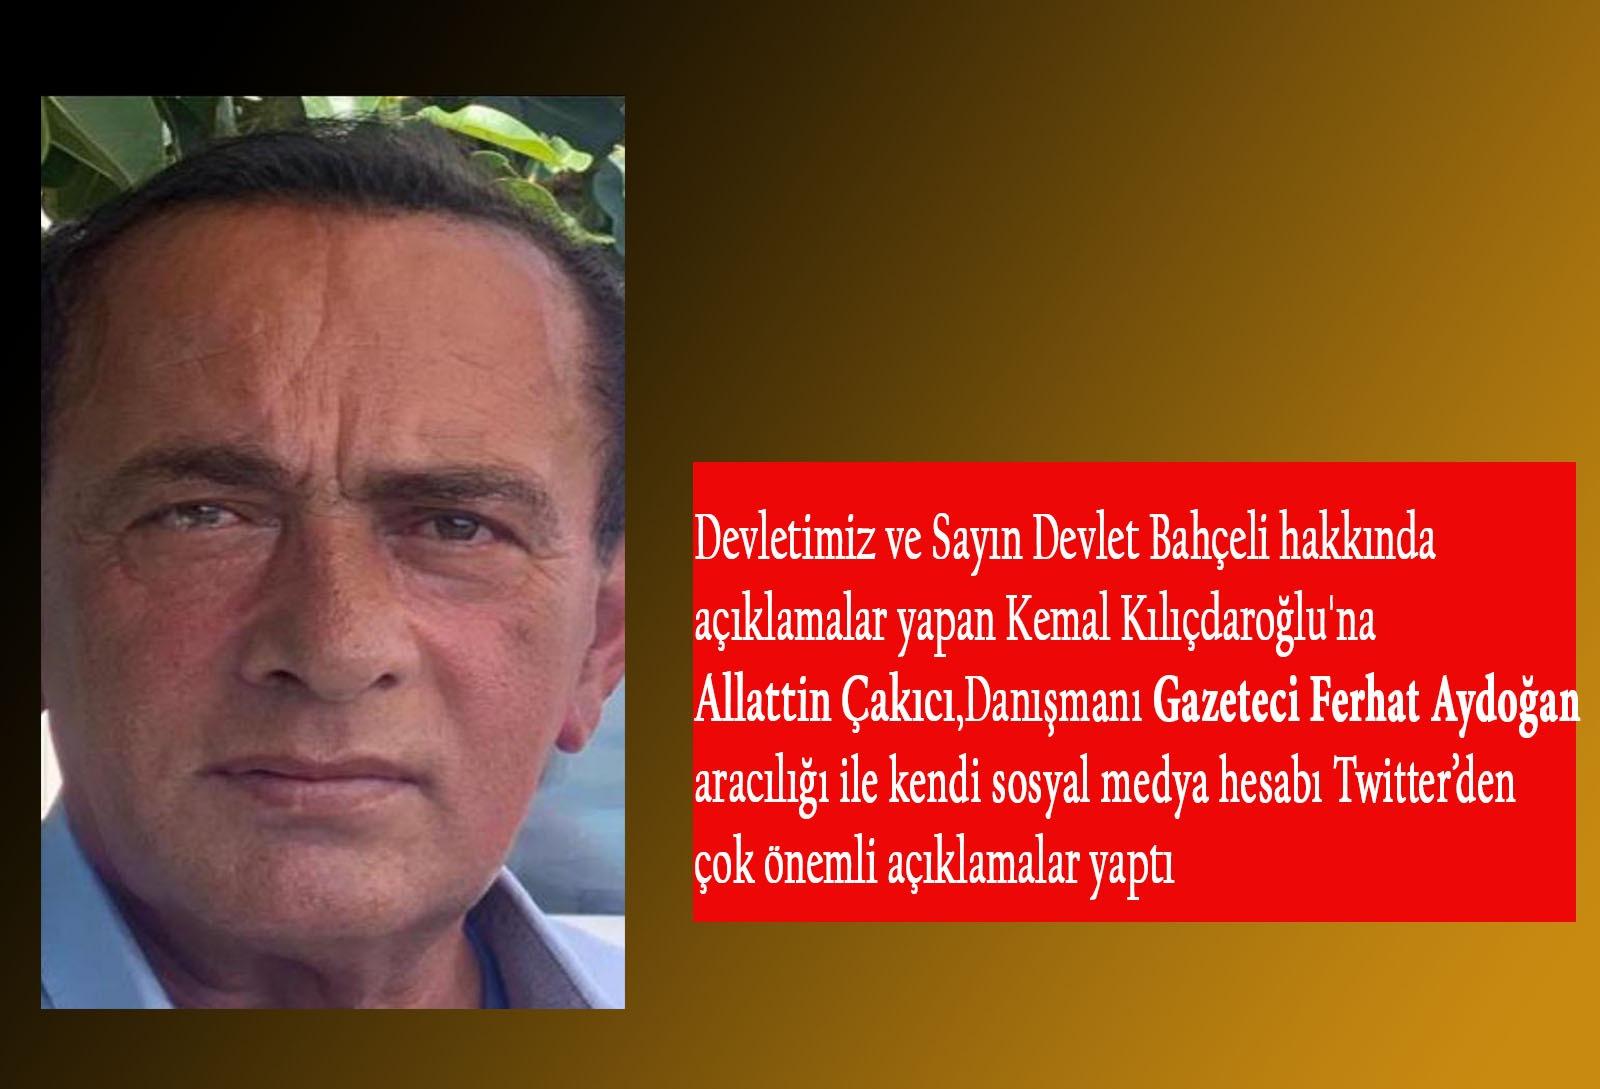 Alaatin Çakıcı'dan Kılıçdaroğlu'na cevap!